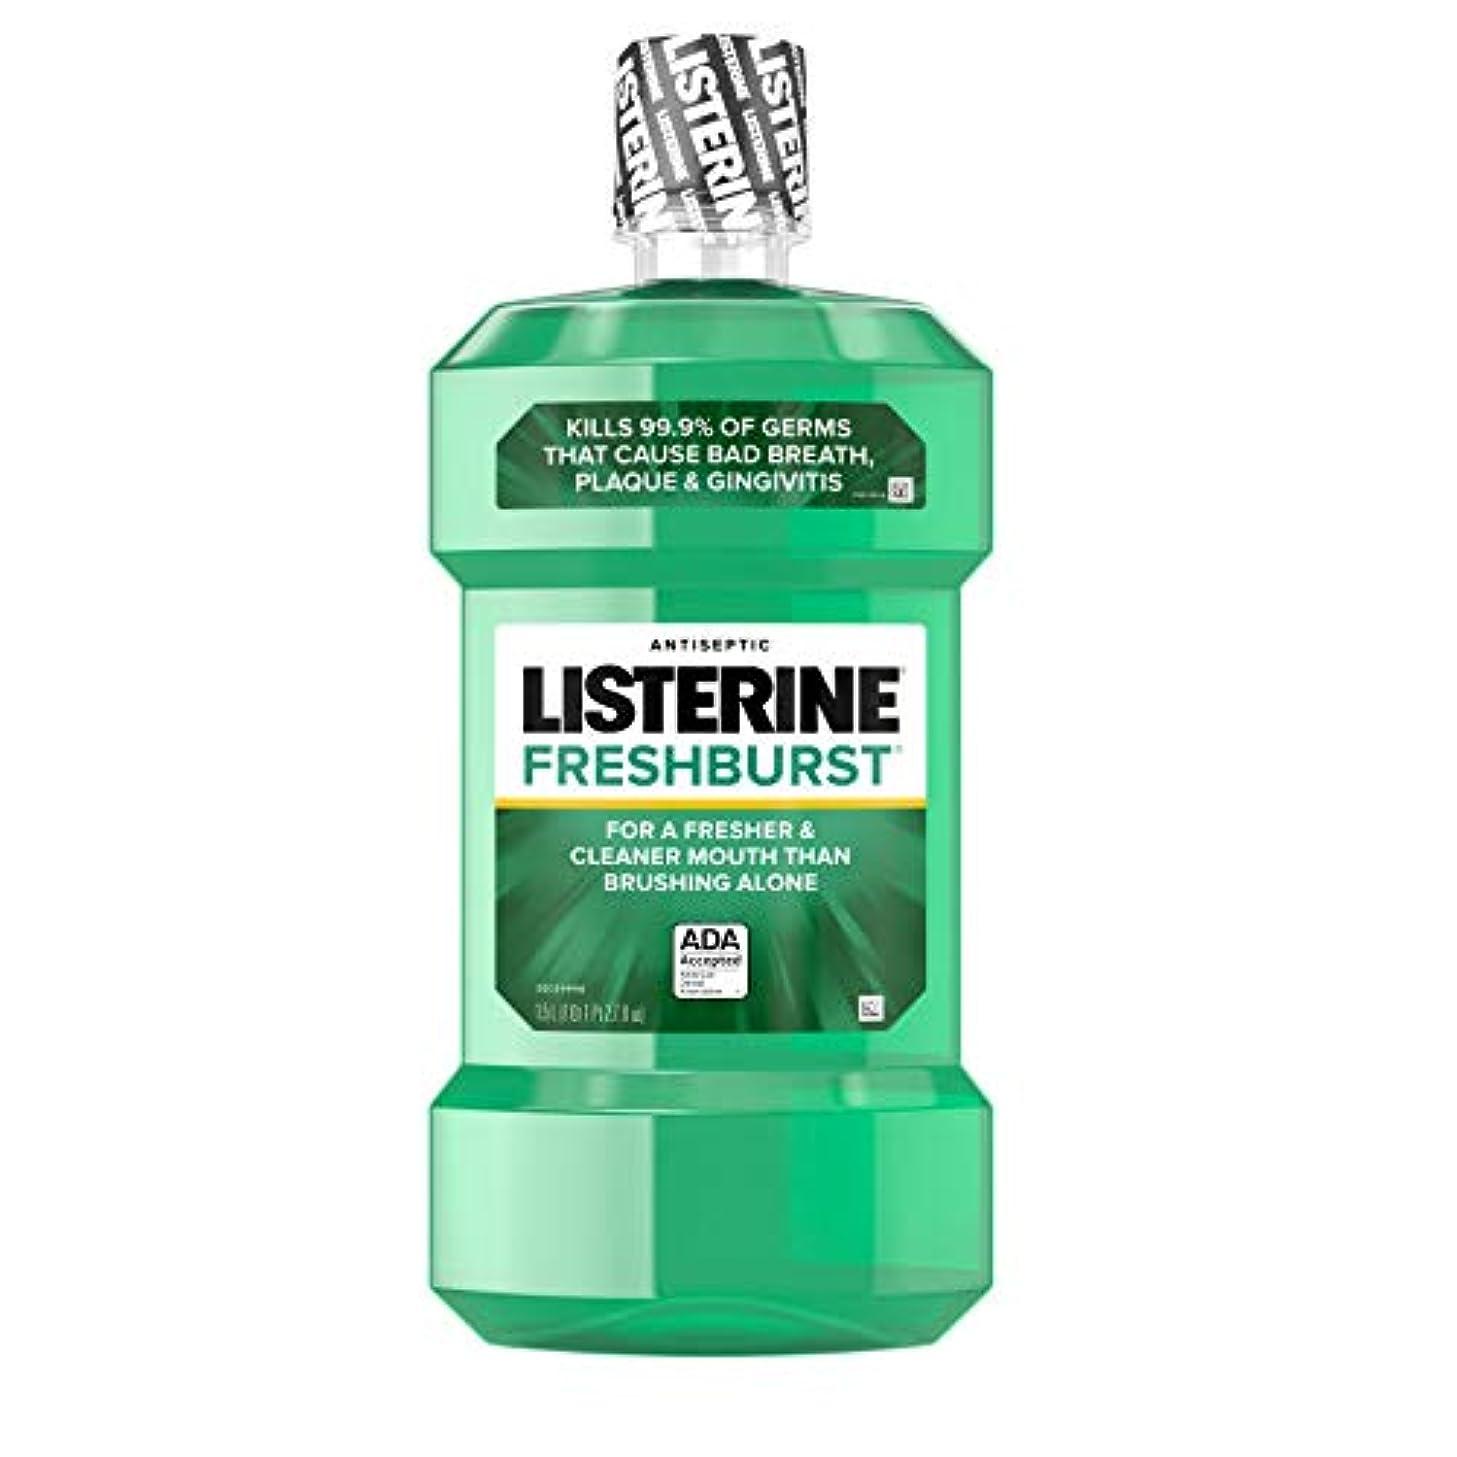 蚊スポットエレクトロニックListerine 口臭と戦うために生殖?キリングオーラルケアフォーミュラ、プラークと歯肉炎とFreshburst消毒うがい薬、1.5 L